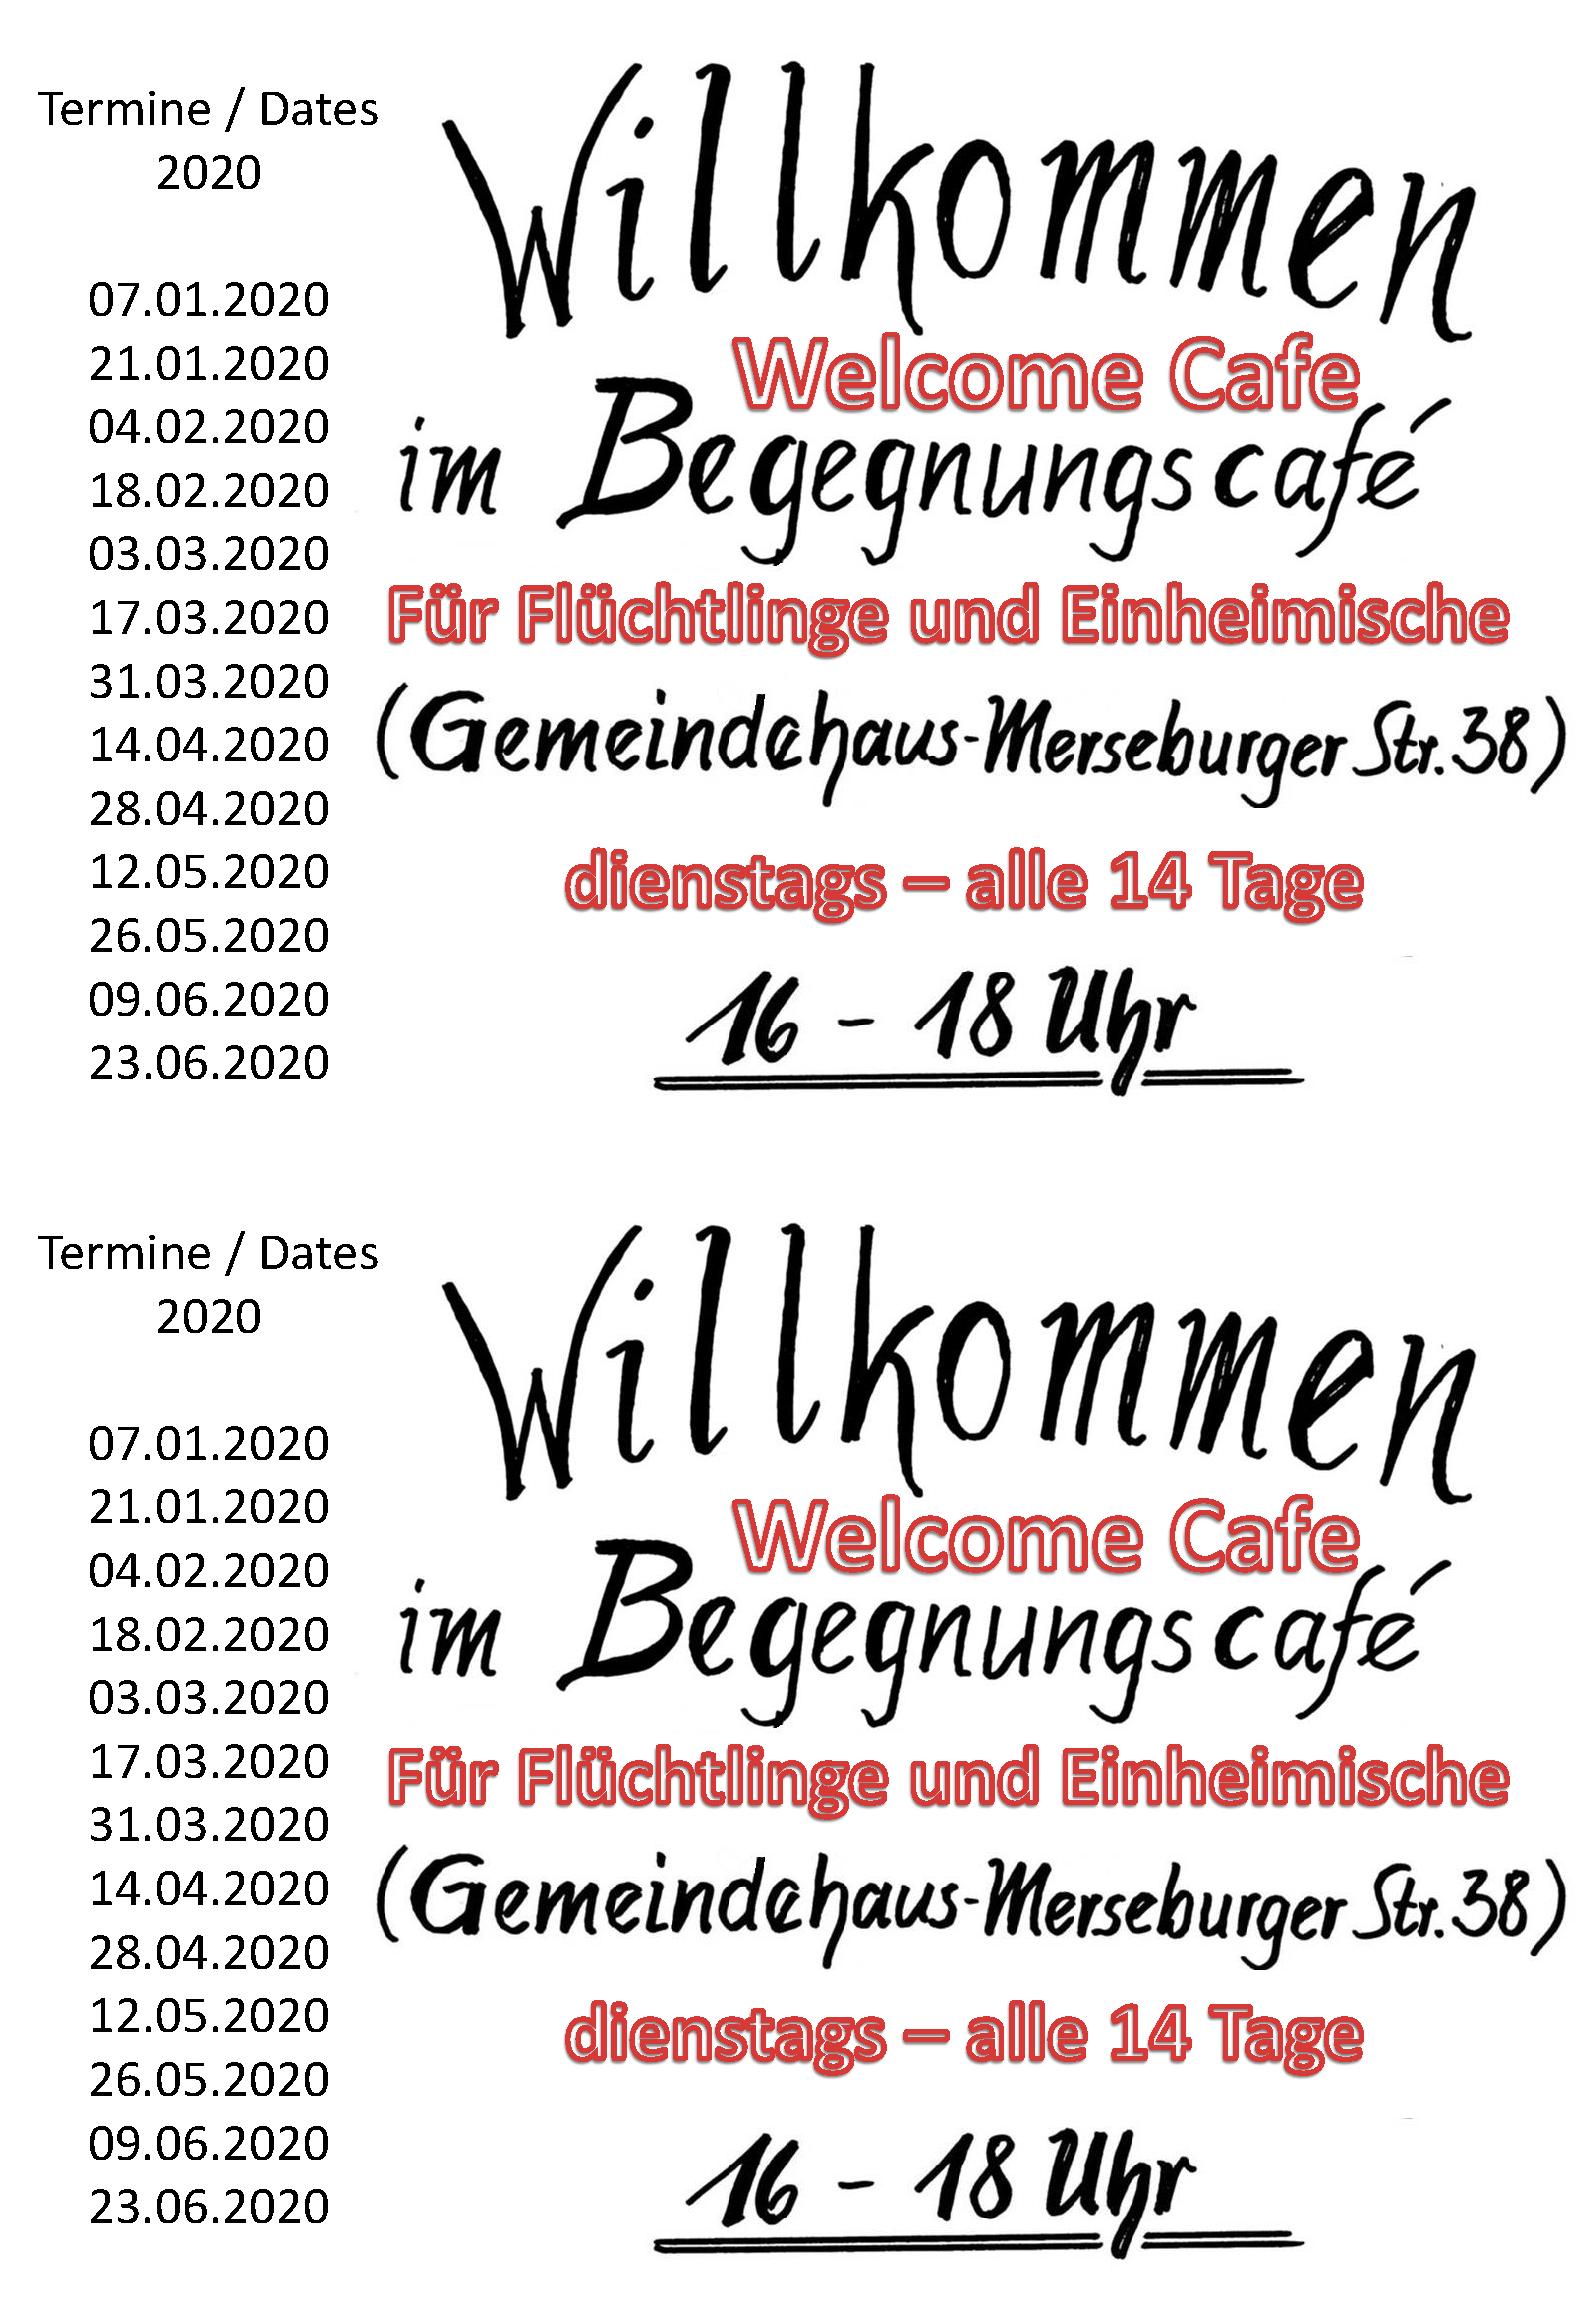 Einladung_Begegnungscafe_2019-11-30